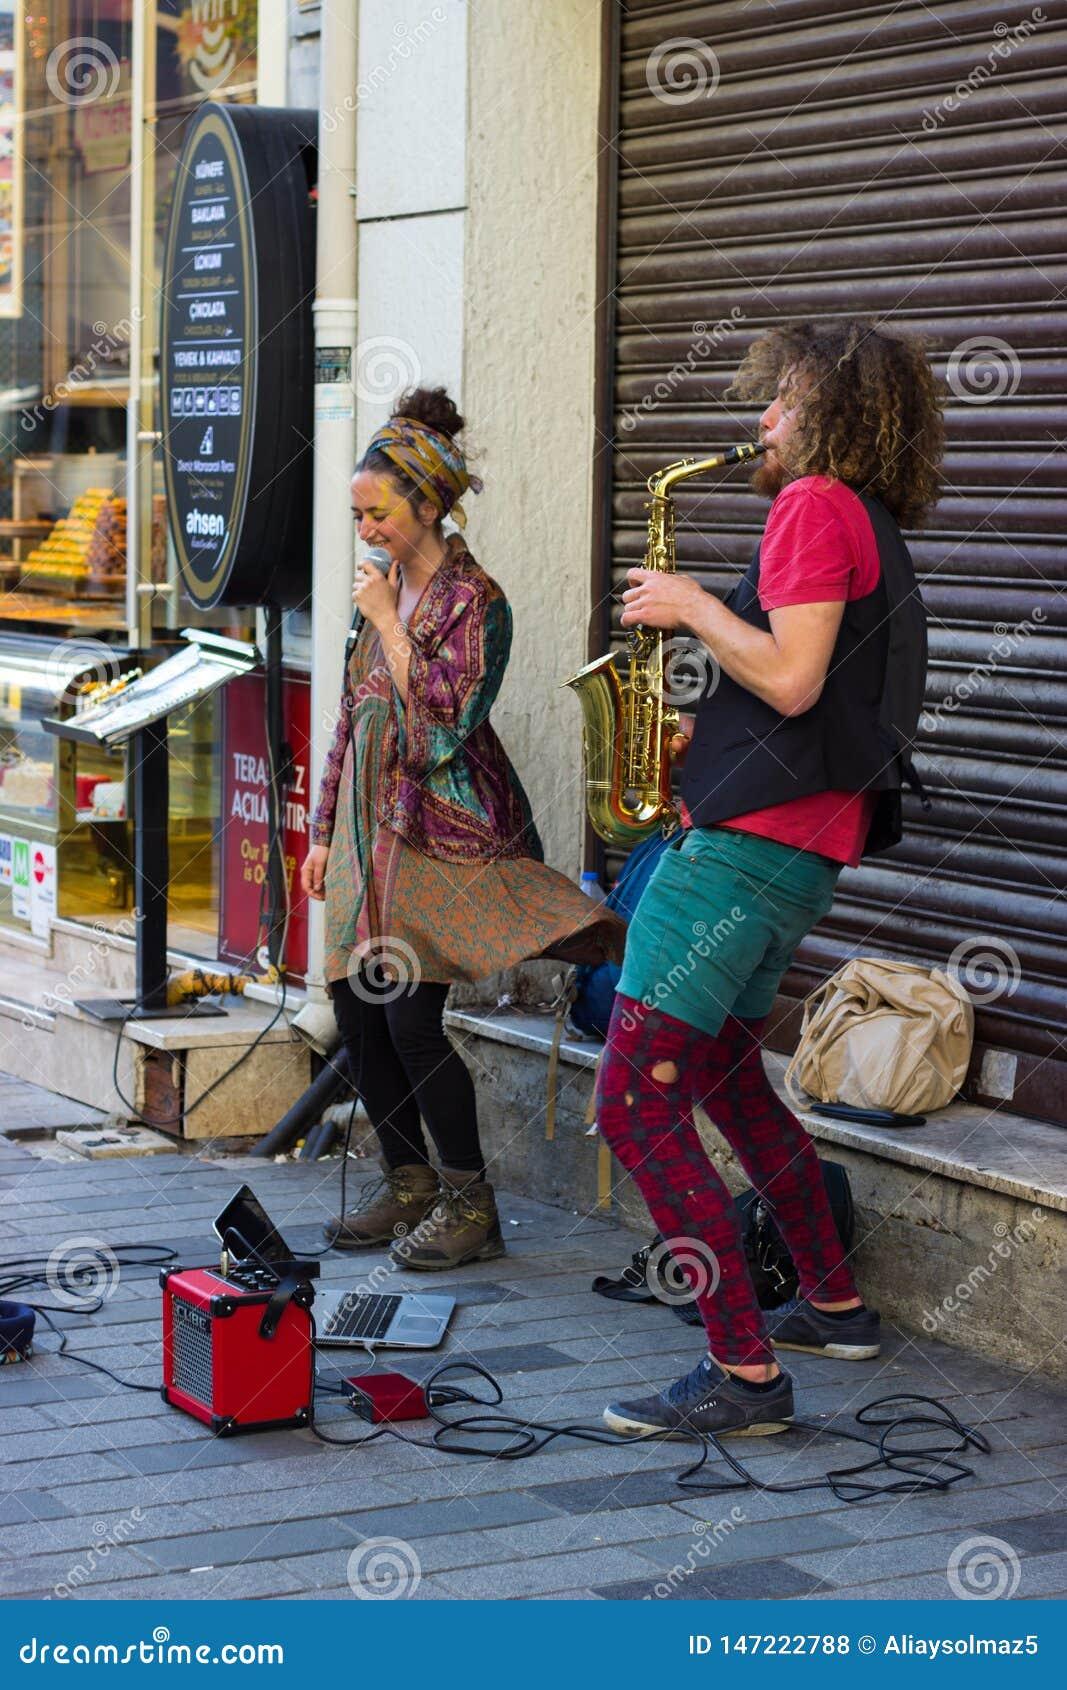 E 5 2019 : Musiciens de rue ex?cutant leur exposition, artiste de saxophone dans la rue d Istiklal